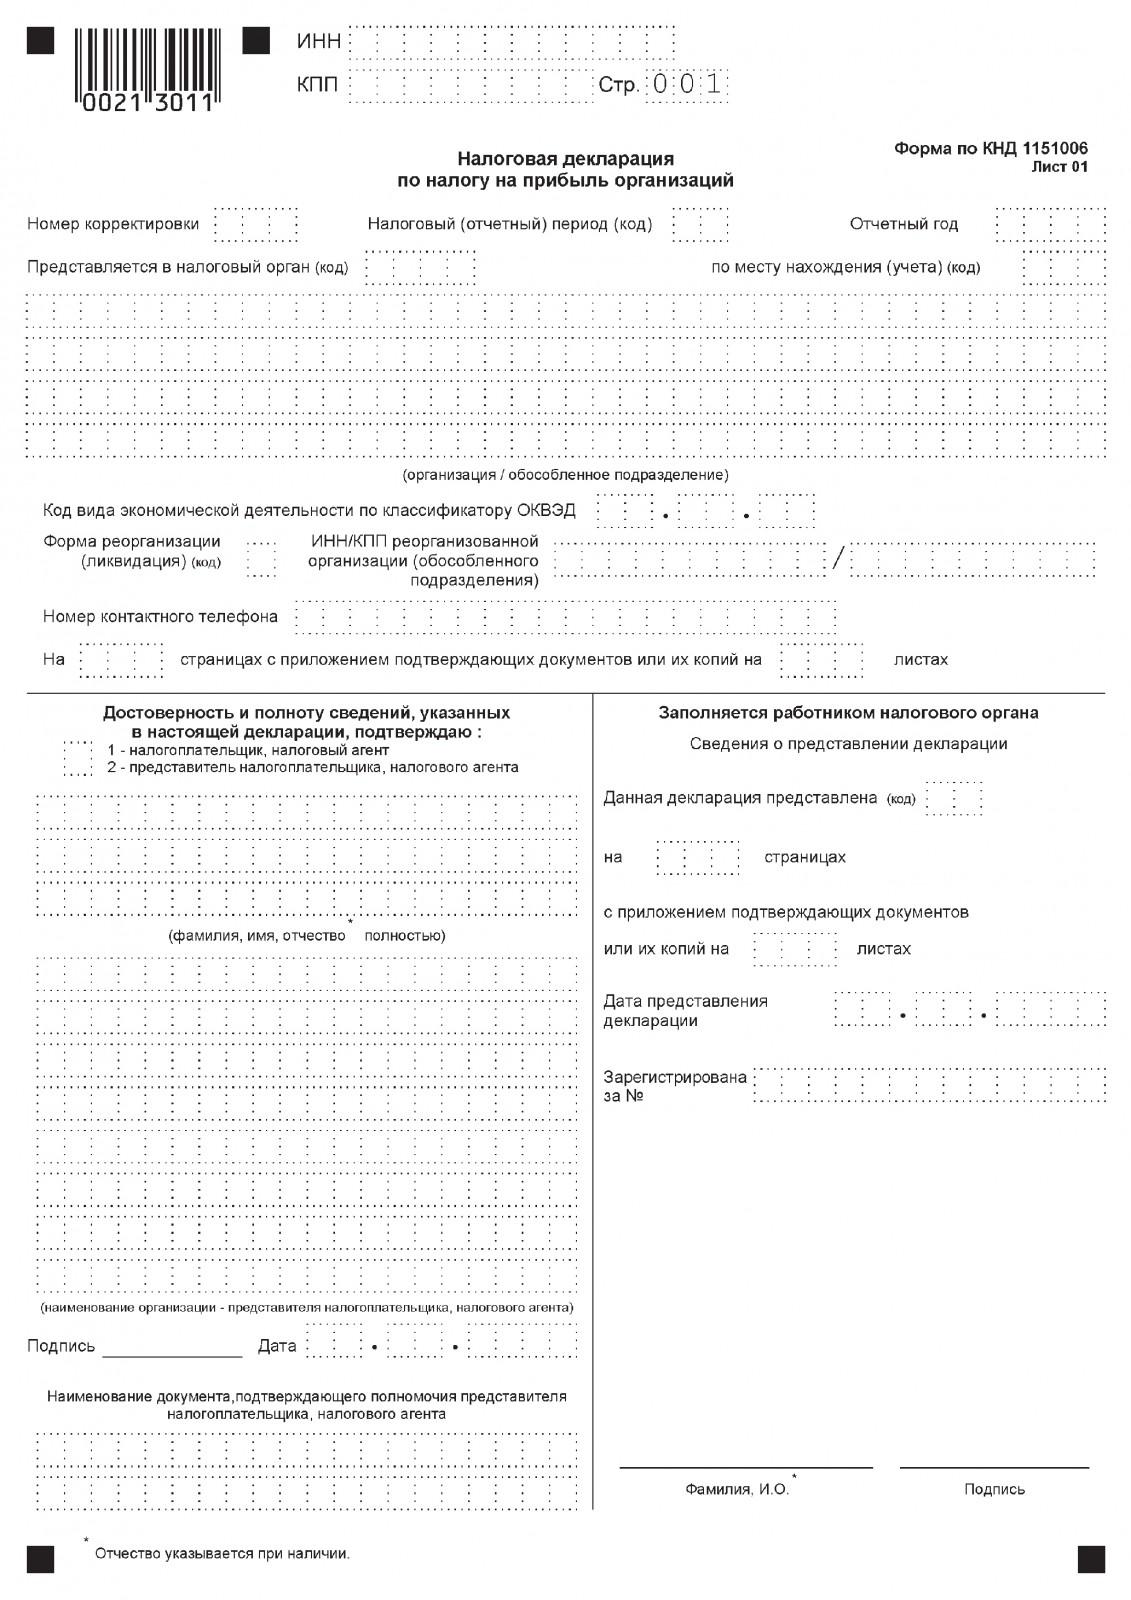 Оптимизация налога на прибыль 2018